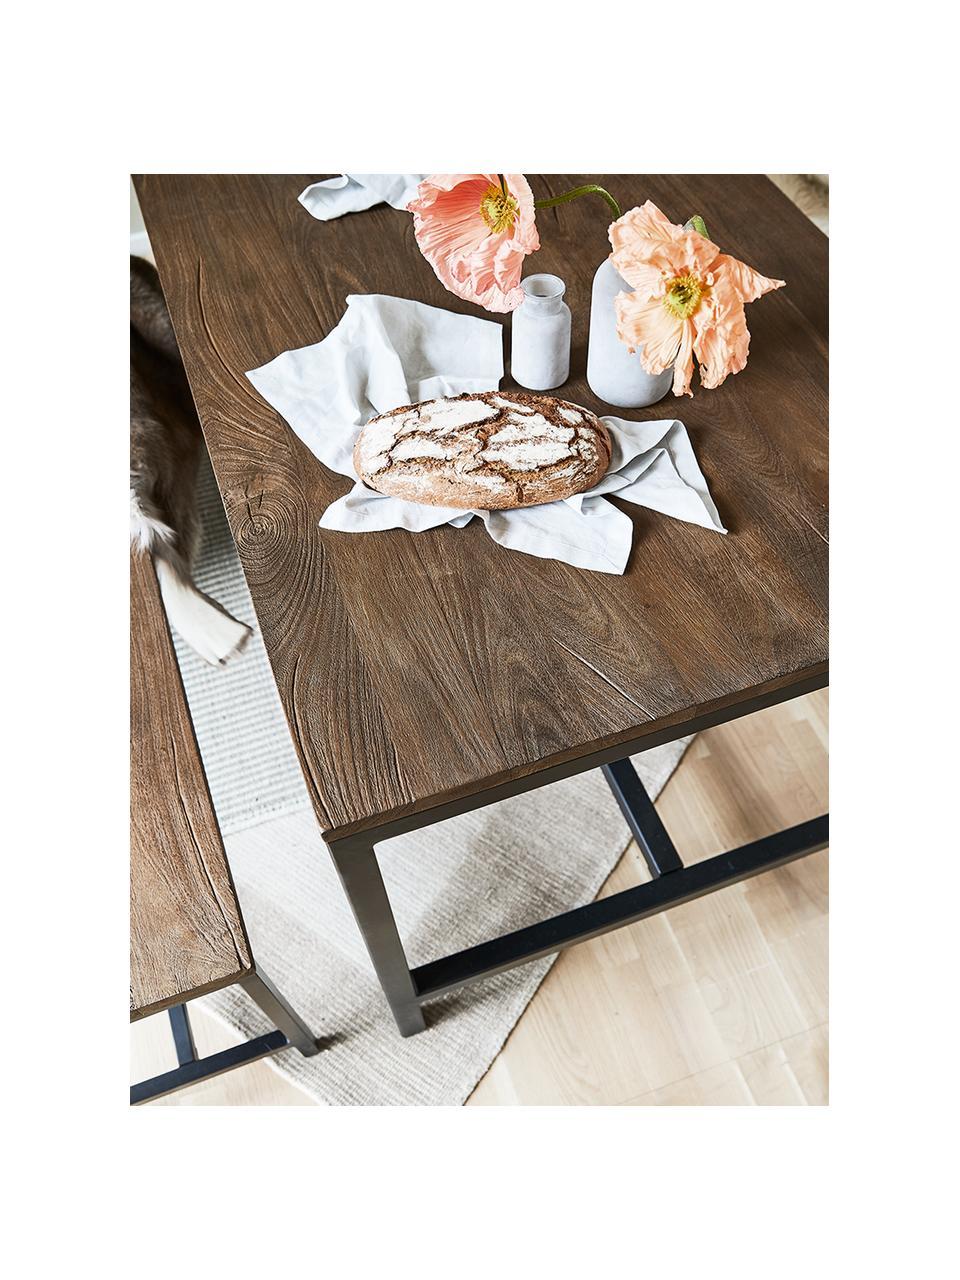 Eettafel Raw met mangohout, 180 x 90 cm, Tafelblad: met donkere finish gebors, Frame: gepoedercoat ijzer, Tafelblad: mangohout met vintage look. Frame: zwart, B 180 x D 90 cm